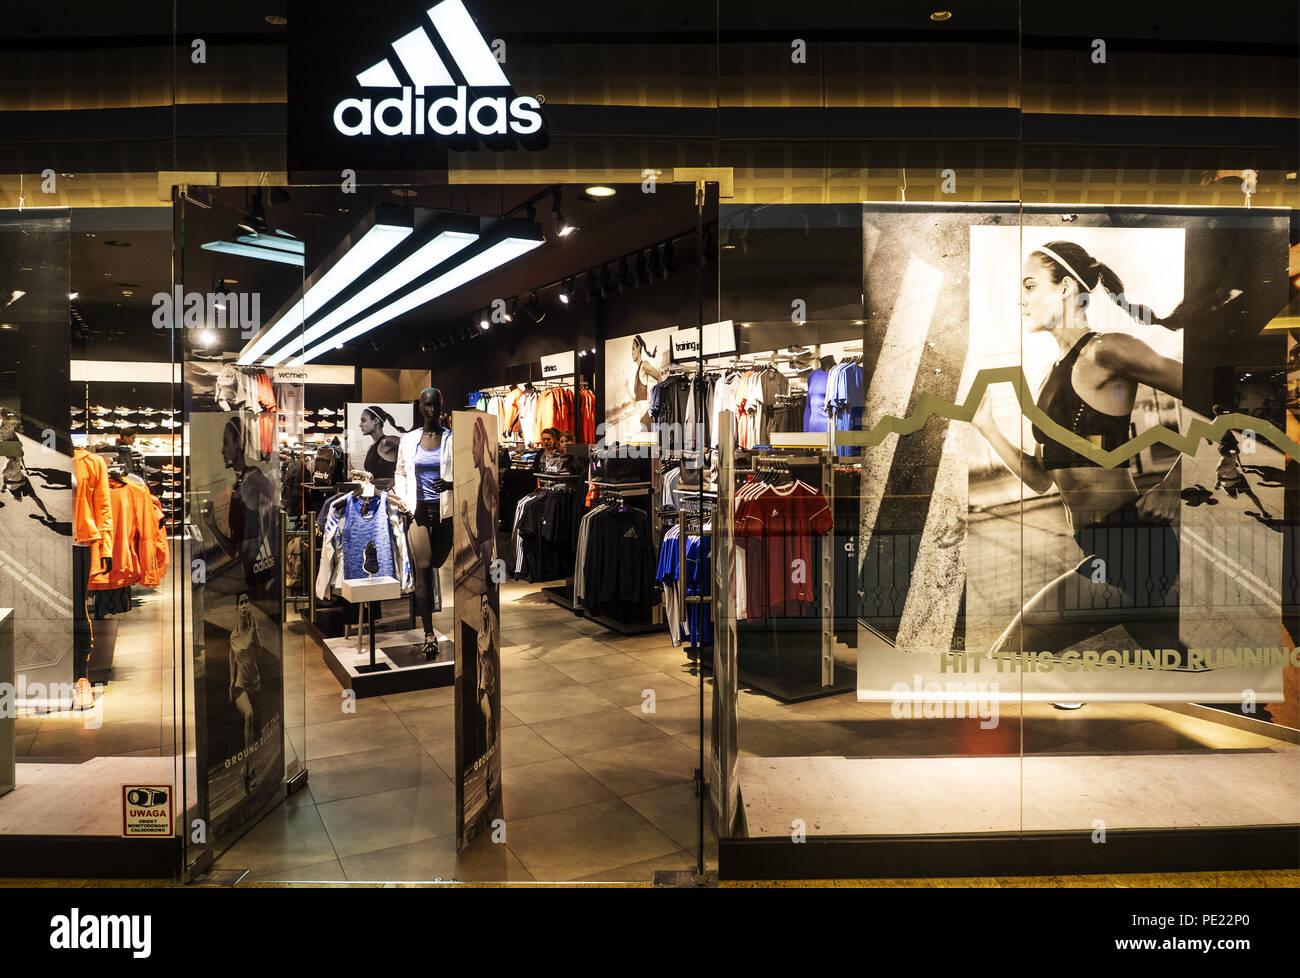 Adidas Store Stockfotos & Adidas Store Bilder Seite 2 Alamy